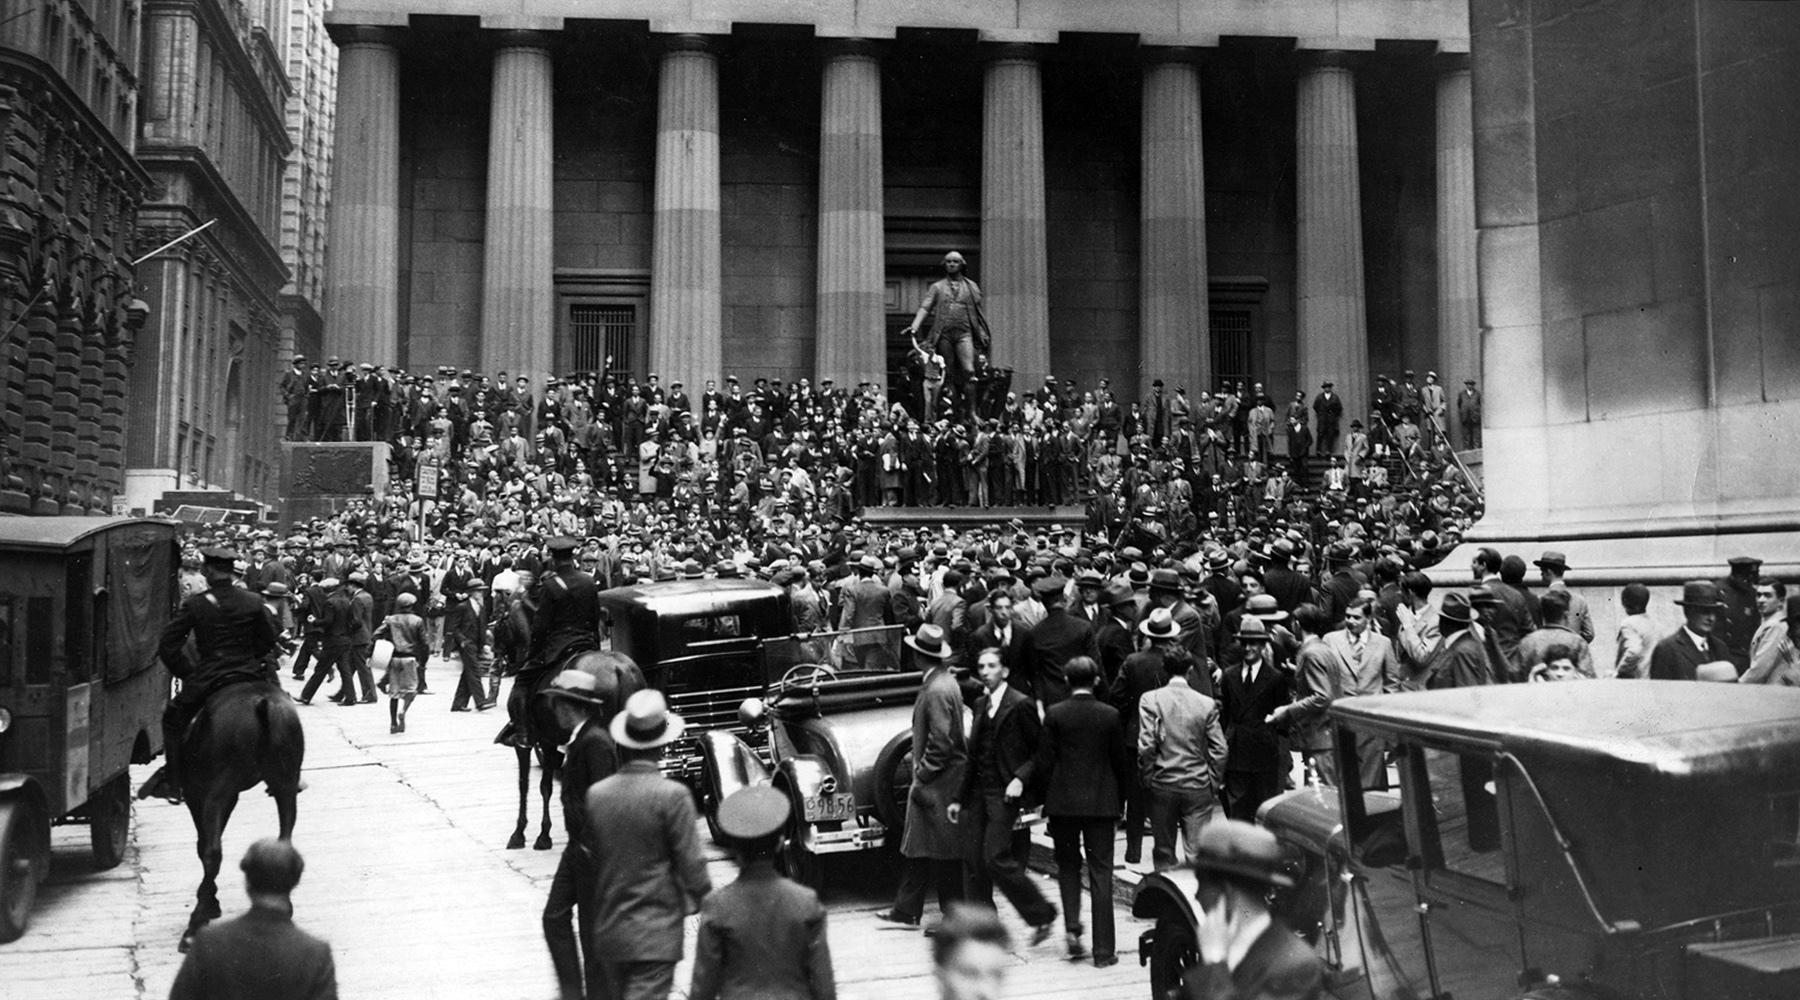 «Черный четверг», 24 октября 1929 года возле Нью-Йоркской фондовой биржи.